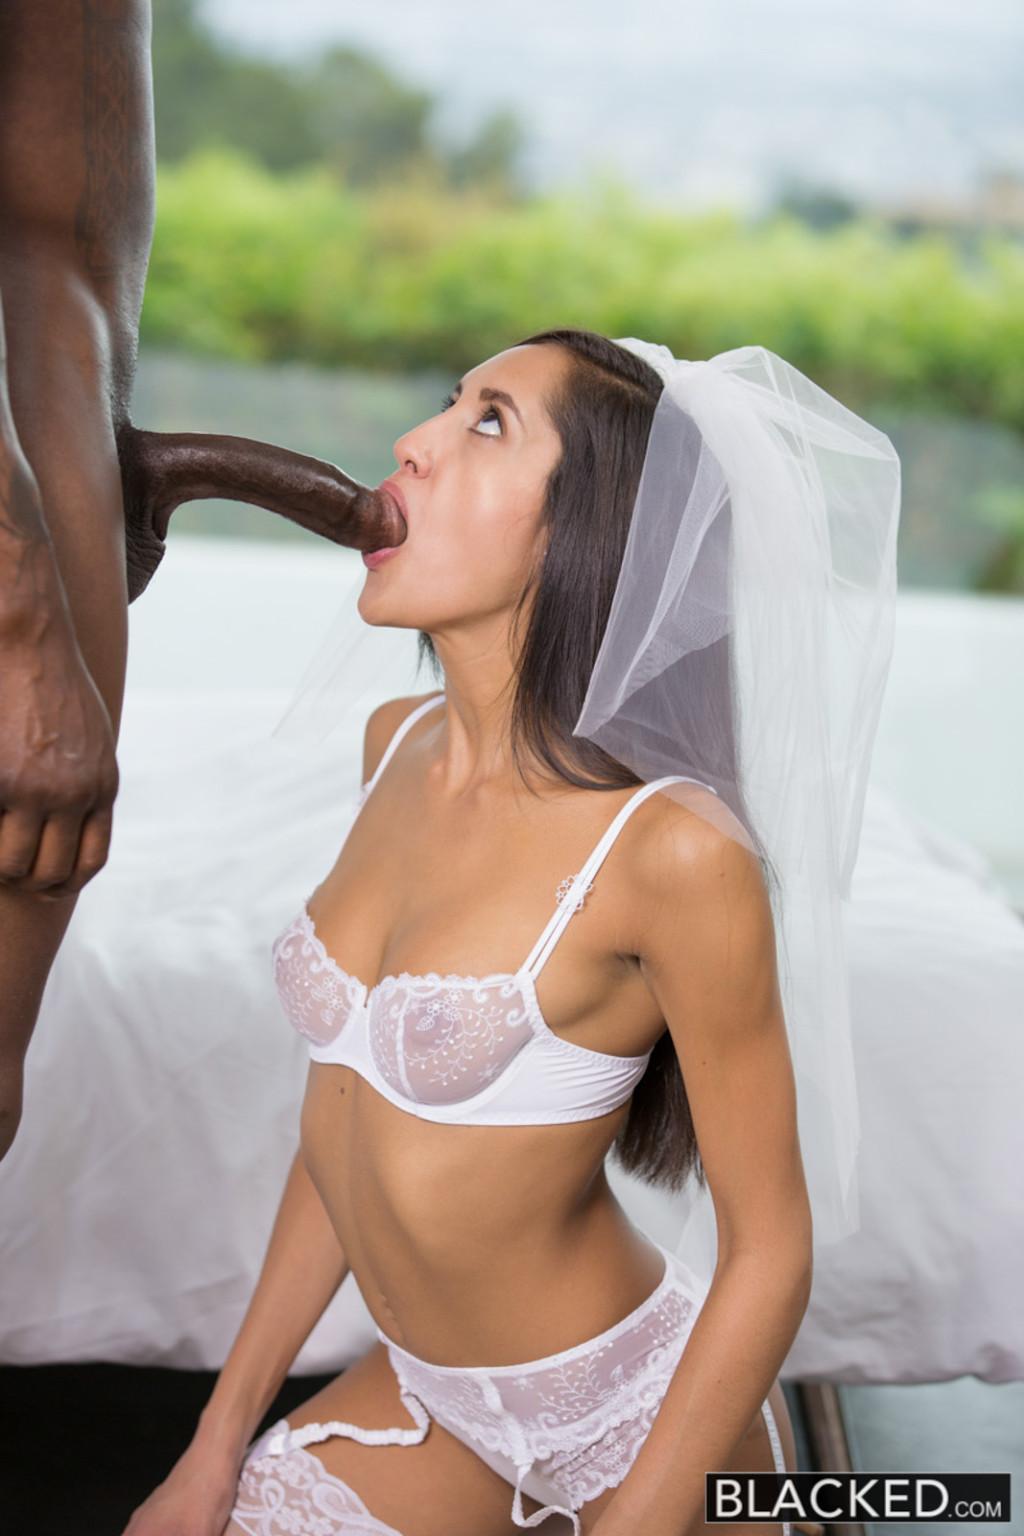 Сексапильная невеста ненадолго отлучилась с торжества, чтобы трахнуться с лучшим другом жениха, ведь у него офигенный хер